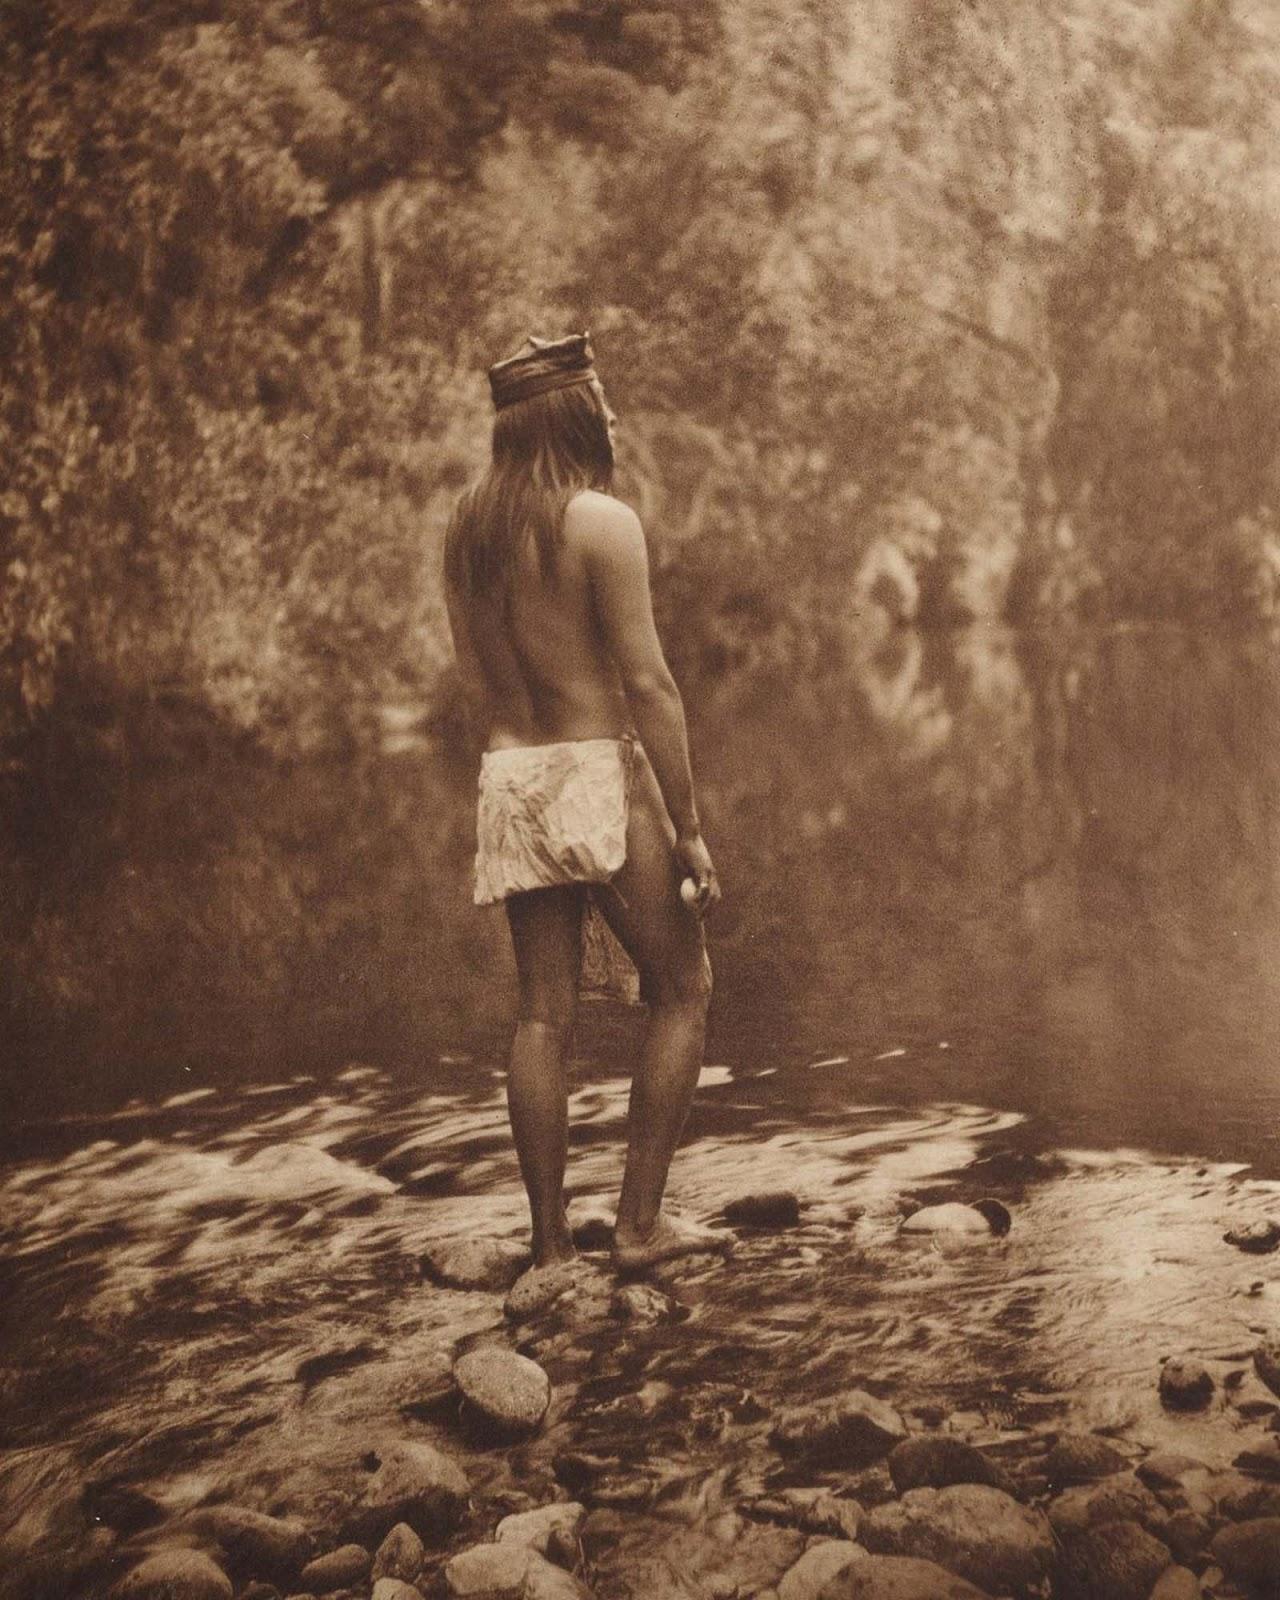 An Apache man. 1910.